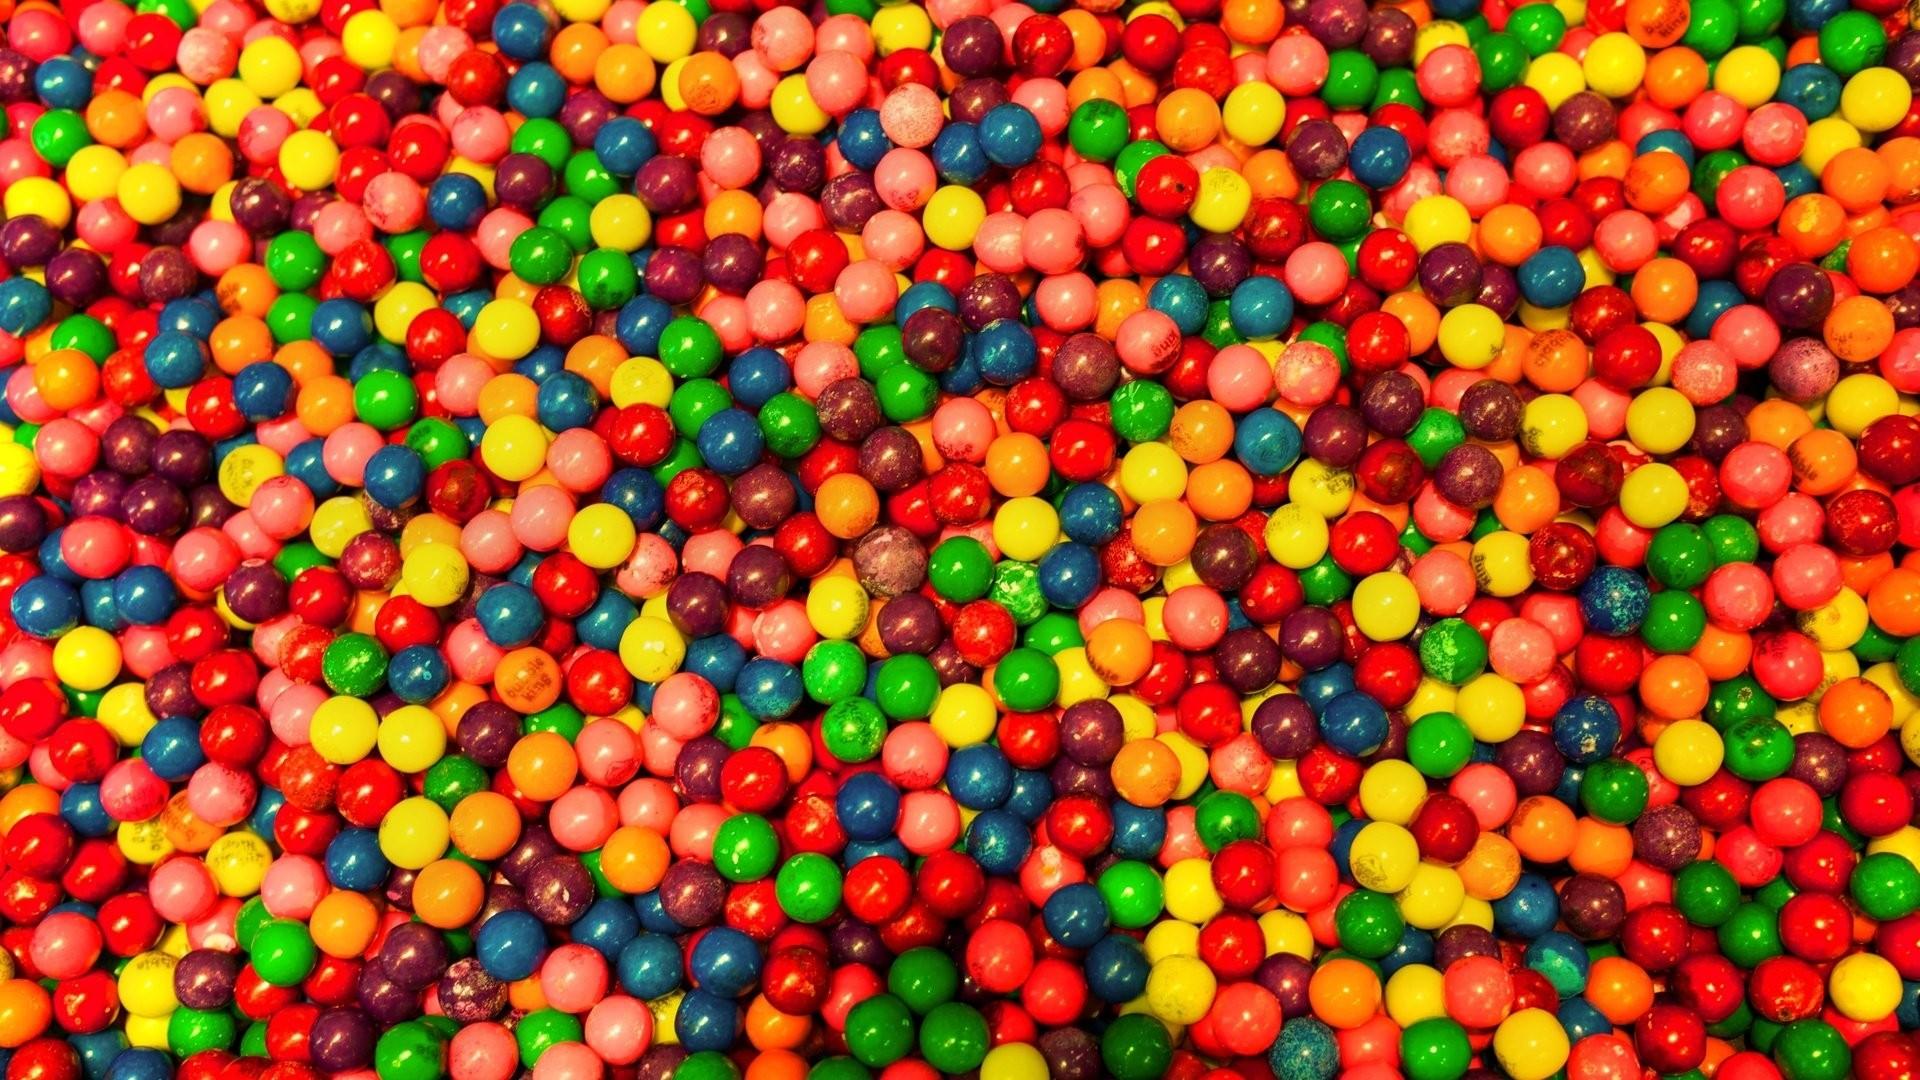 Skittles wallpaper photo full hd